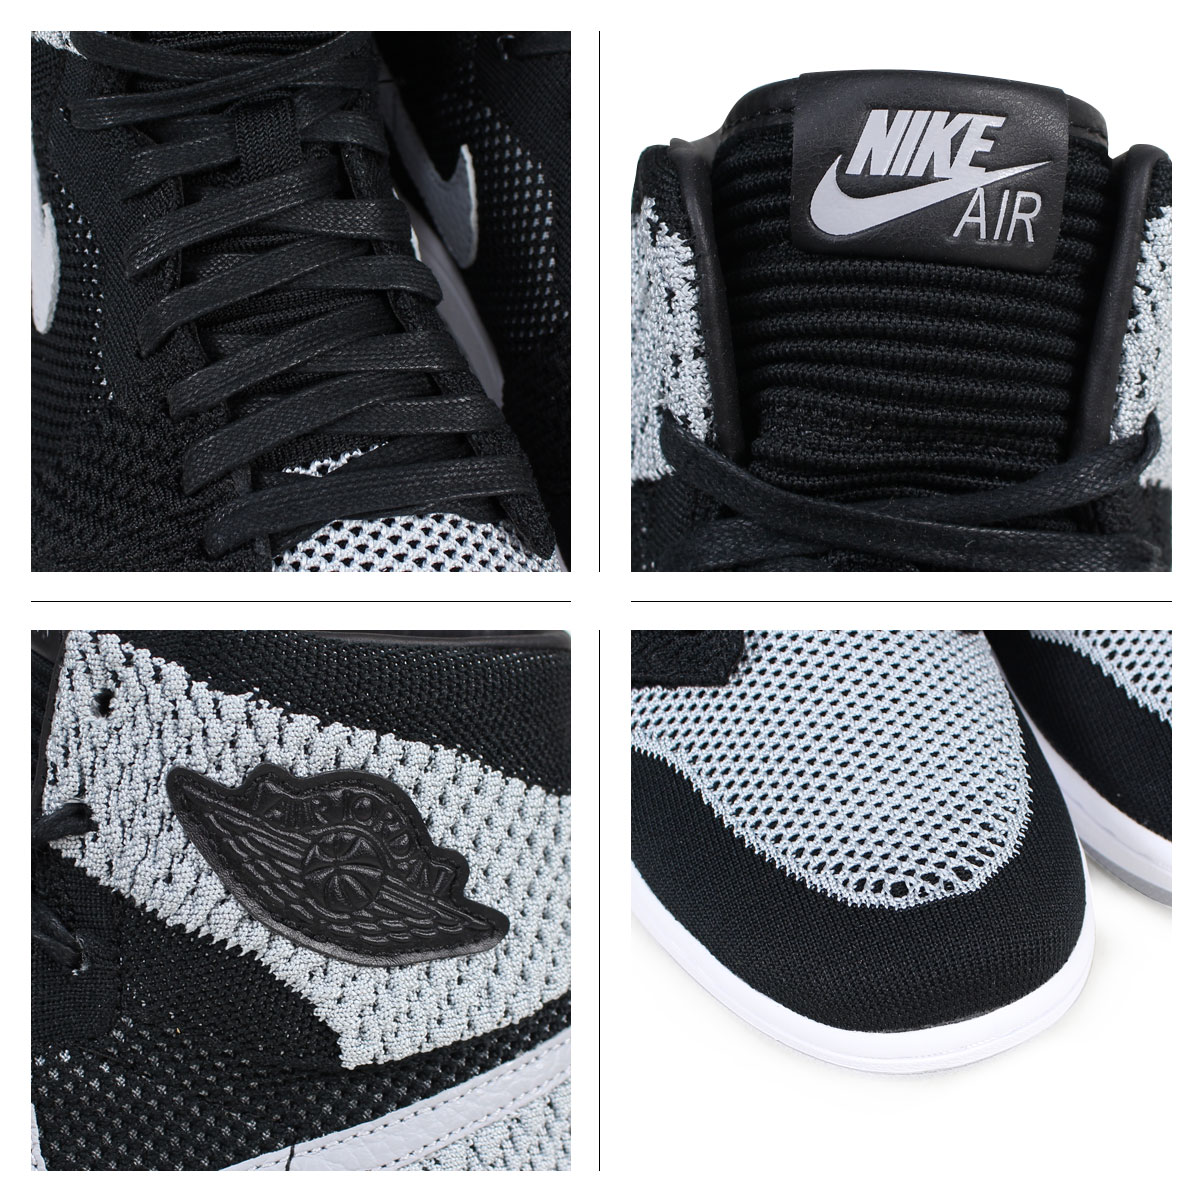 NIKE Nike Air Jordan 1 nostalgic fried food knit sneakers AIR JORDAN 1 RETRO HI FLYNIT 919,704 003 men's black [load planned Shinnyu load in